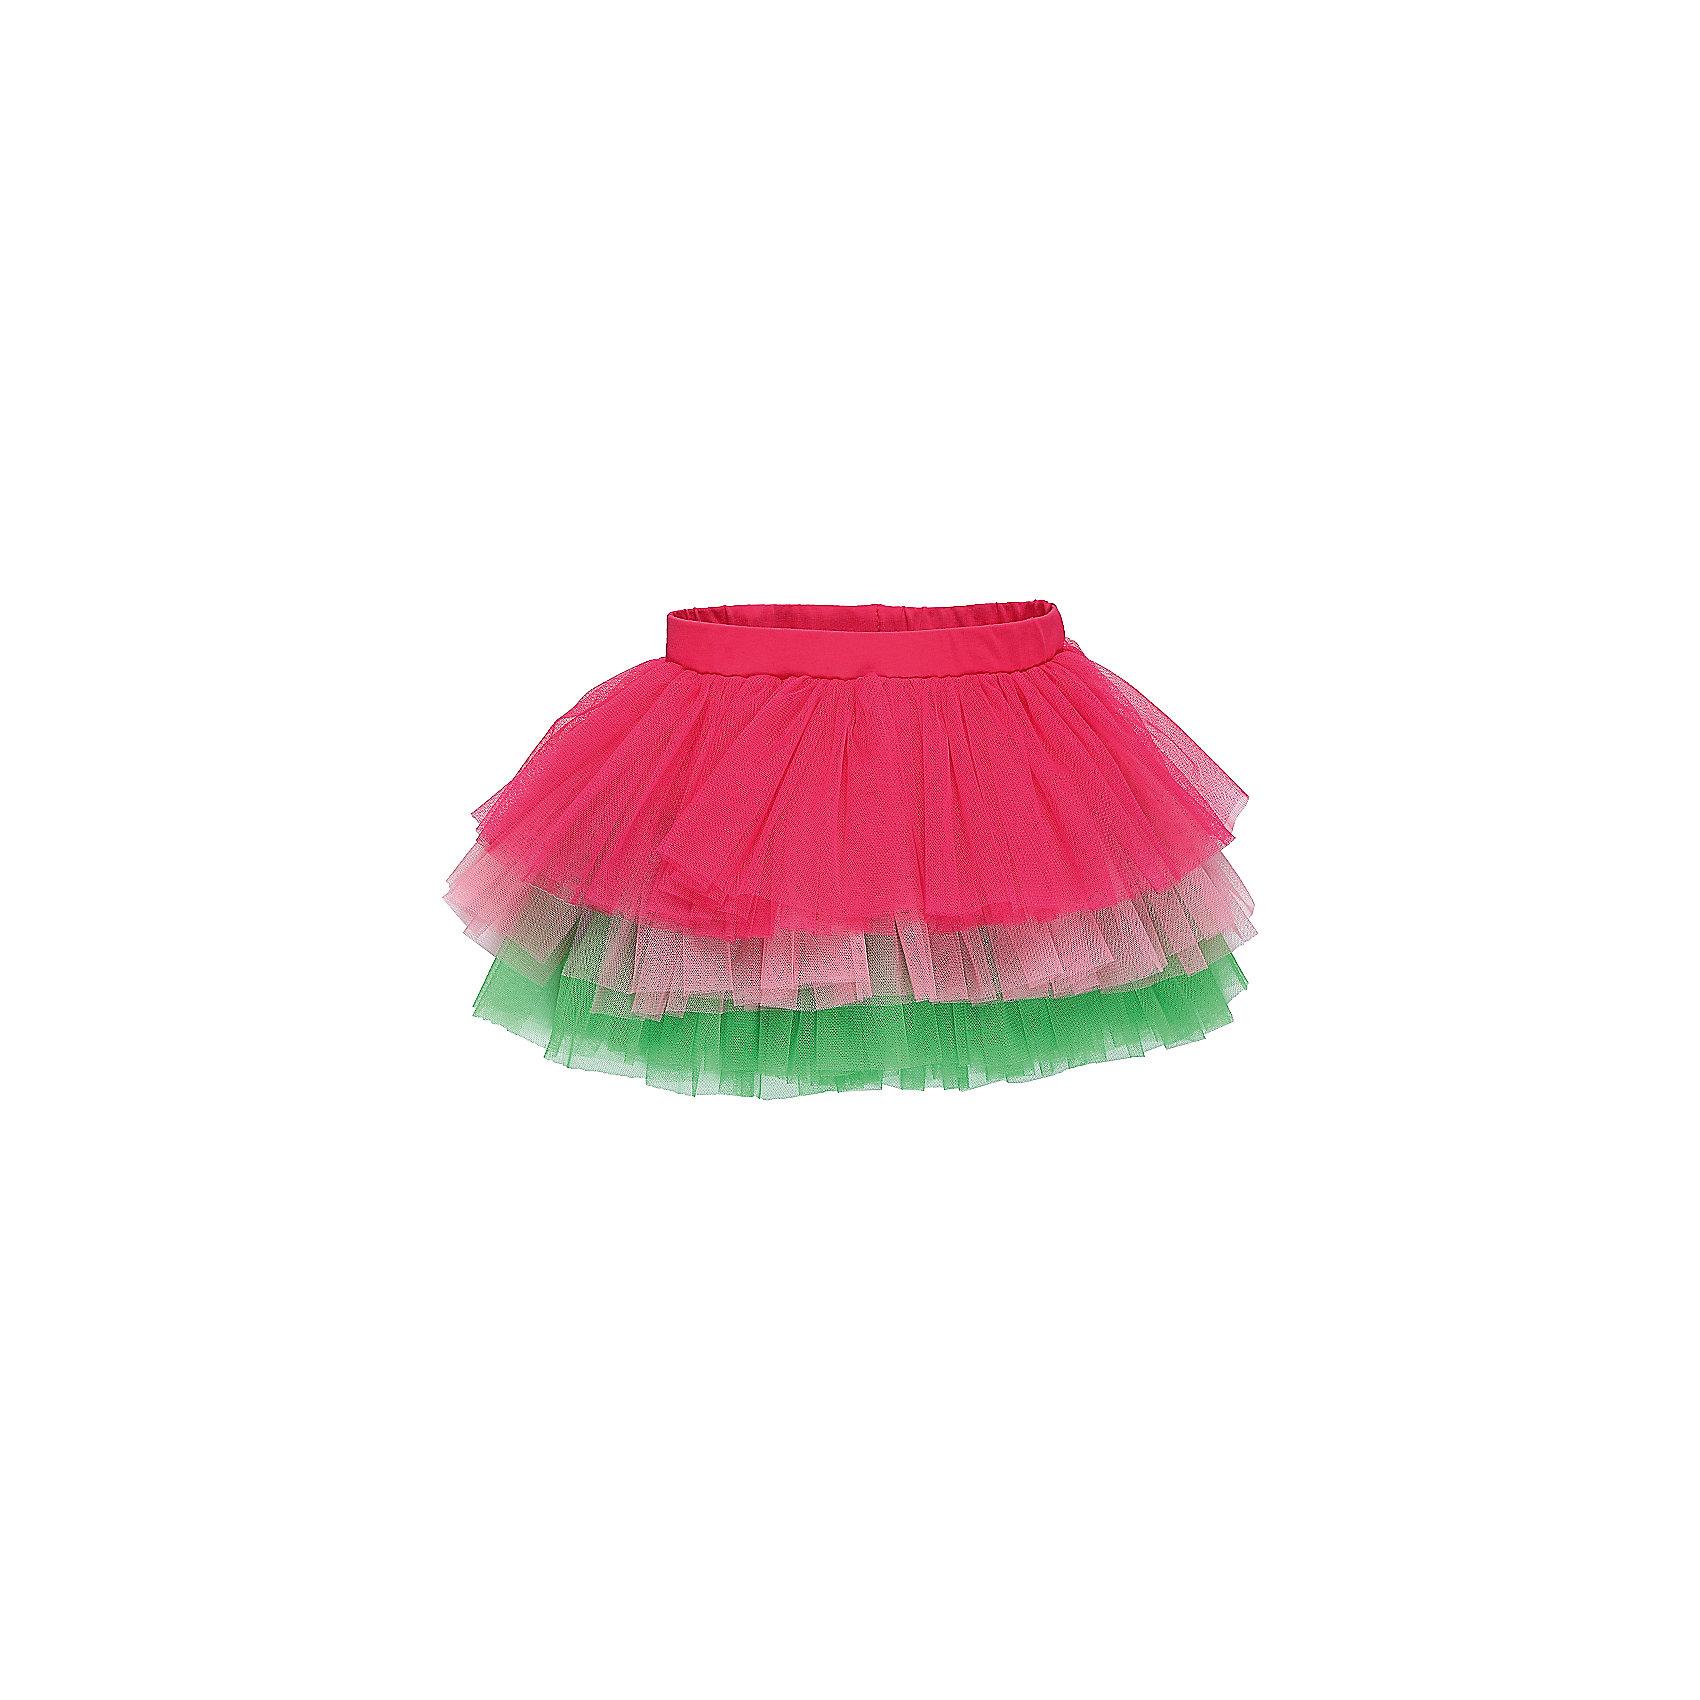 Юбка для девочки Sweet BerryЮбки<br>Многослдойная юбка из тафты юбка-пачка. Эластичный мягкий пояс.<br>Состав:<br>Верх: 100% полиэстер, Подкладка: 95%хлопок 5%эластан<br><br>Ширина мм: 207<br>Глубина мм: 10<br>Высота мм: 189<br>Вес г: 183<br>Цвет: разноцветный<br>Возраст от месяцев: 12<br>Возраст до месяцев: 15<br>Пол: Женский<br>Возраст: Детский<br>Размер: 80,86,92,98<br>SKU: 5411408